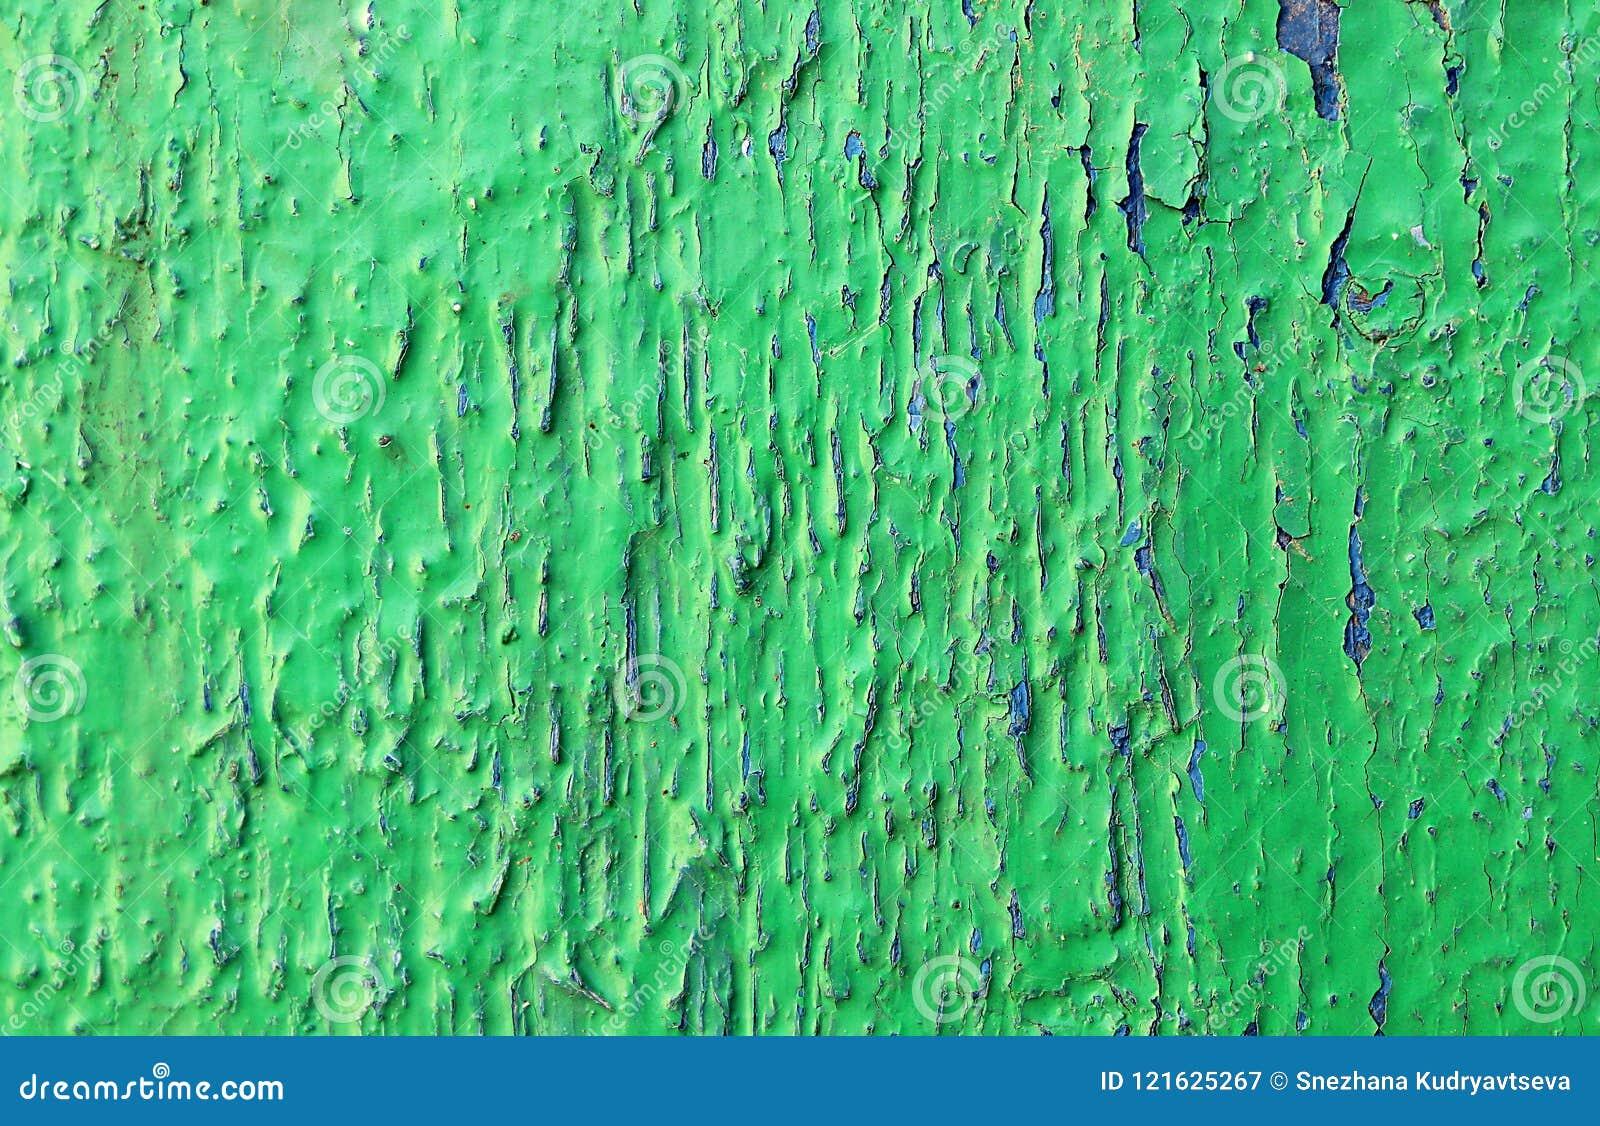 构造与蓝色裂缝的老削皮油漆绿色